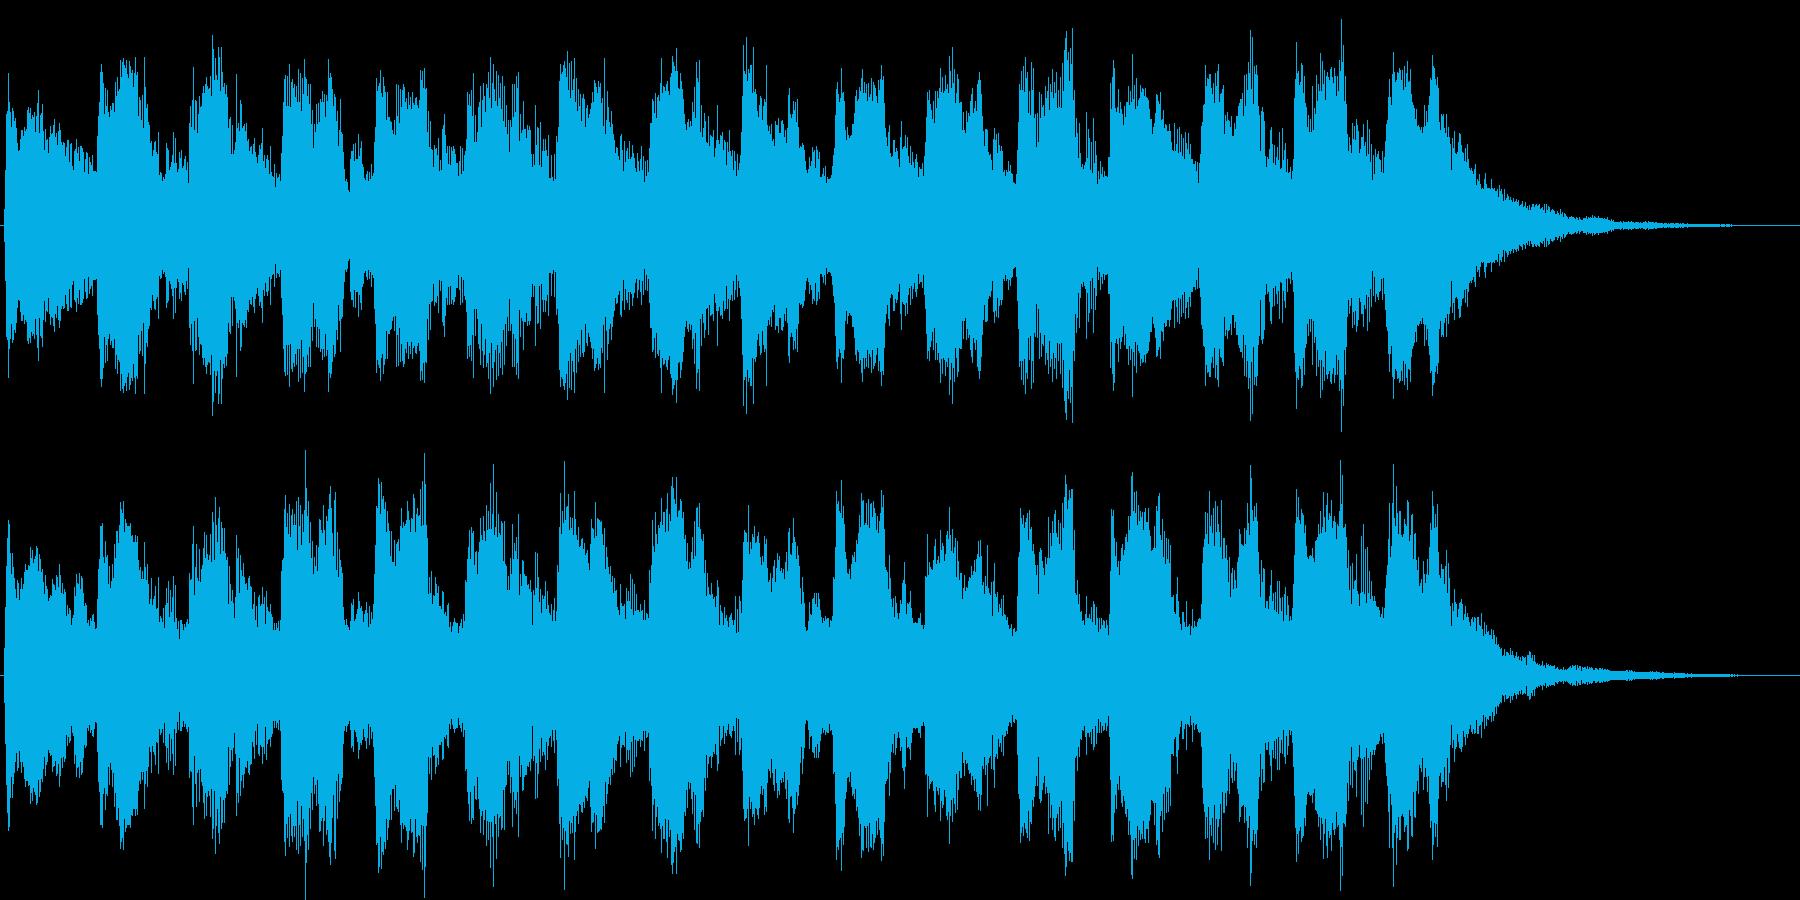 コミカルなイメージの子供っぽいジングルの再生済みの波形